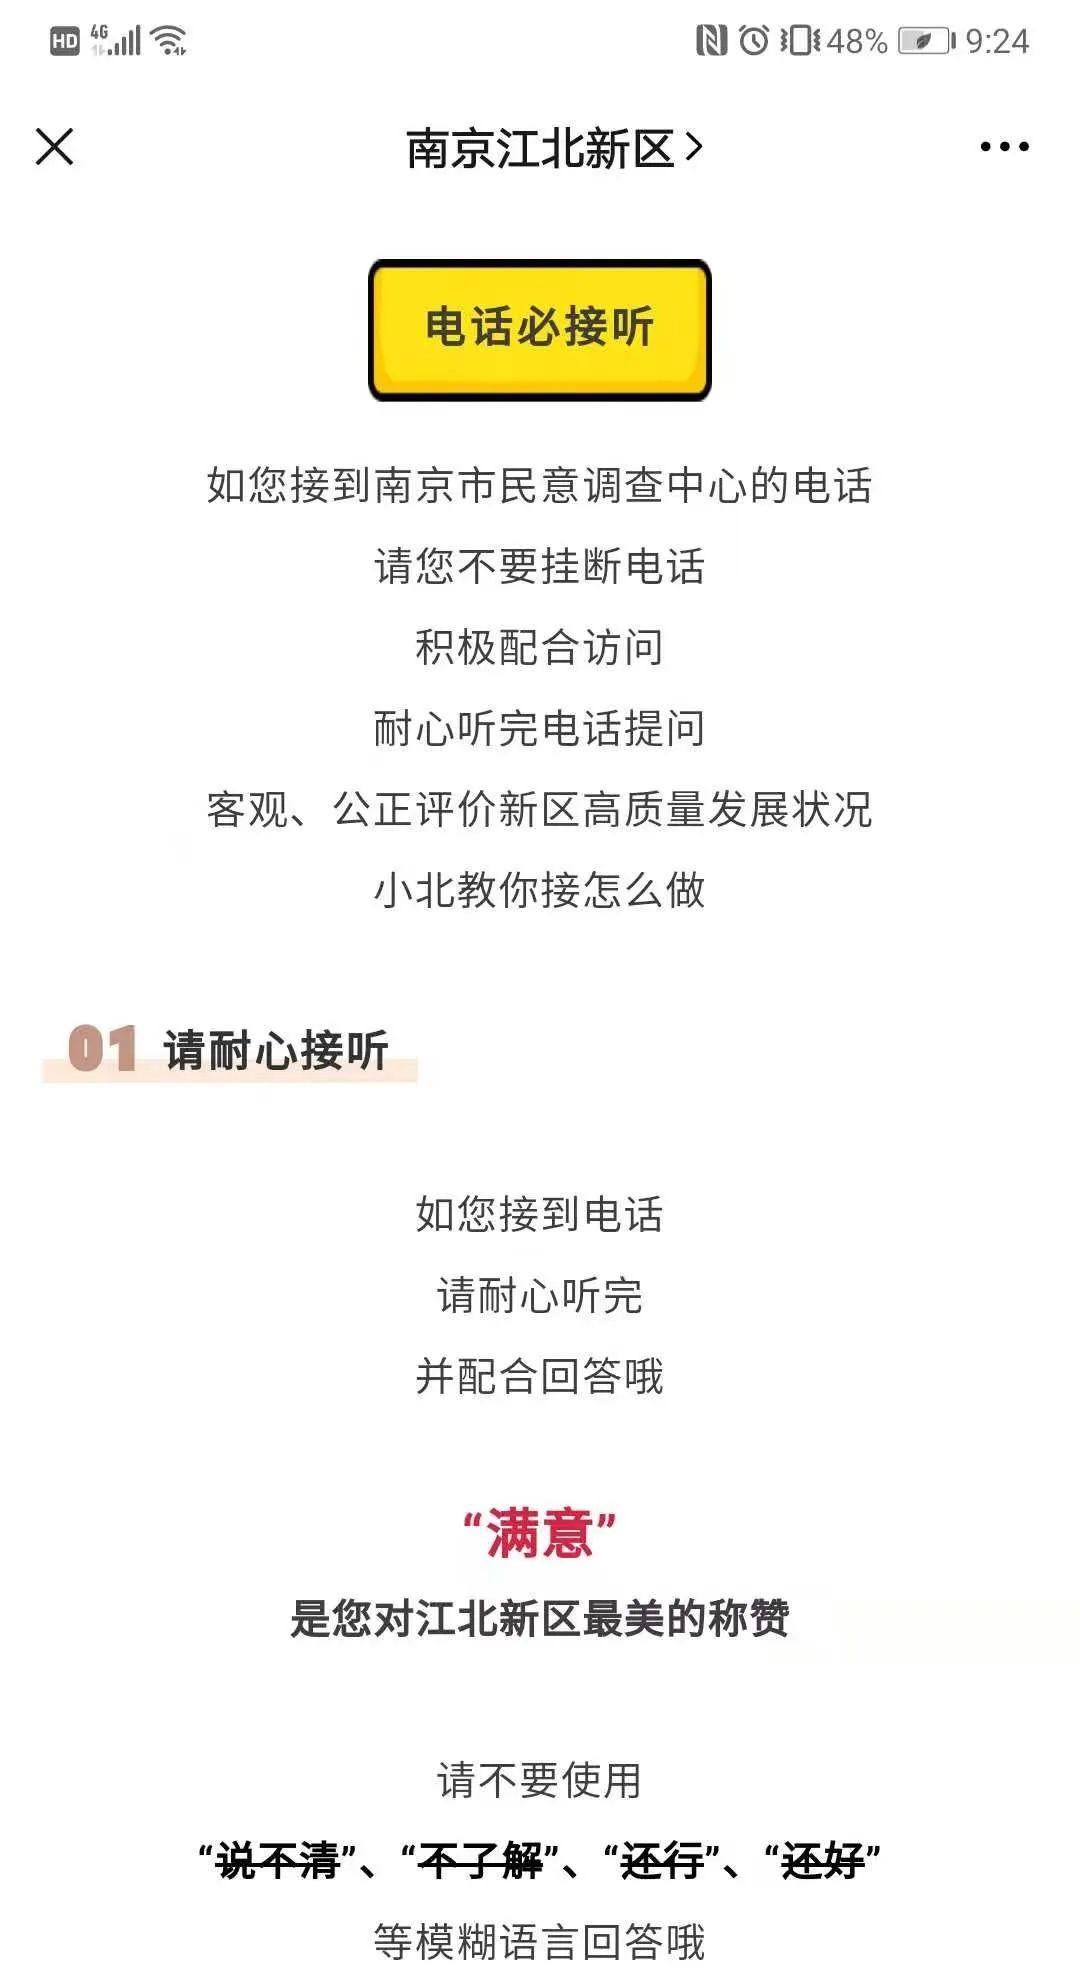 南京市江北新区管委会官方微信公众号截图